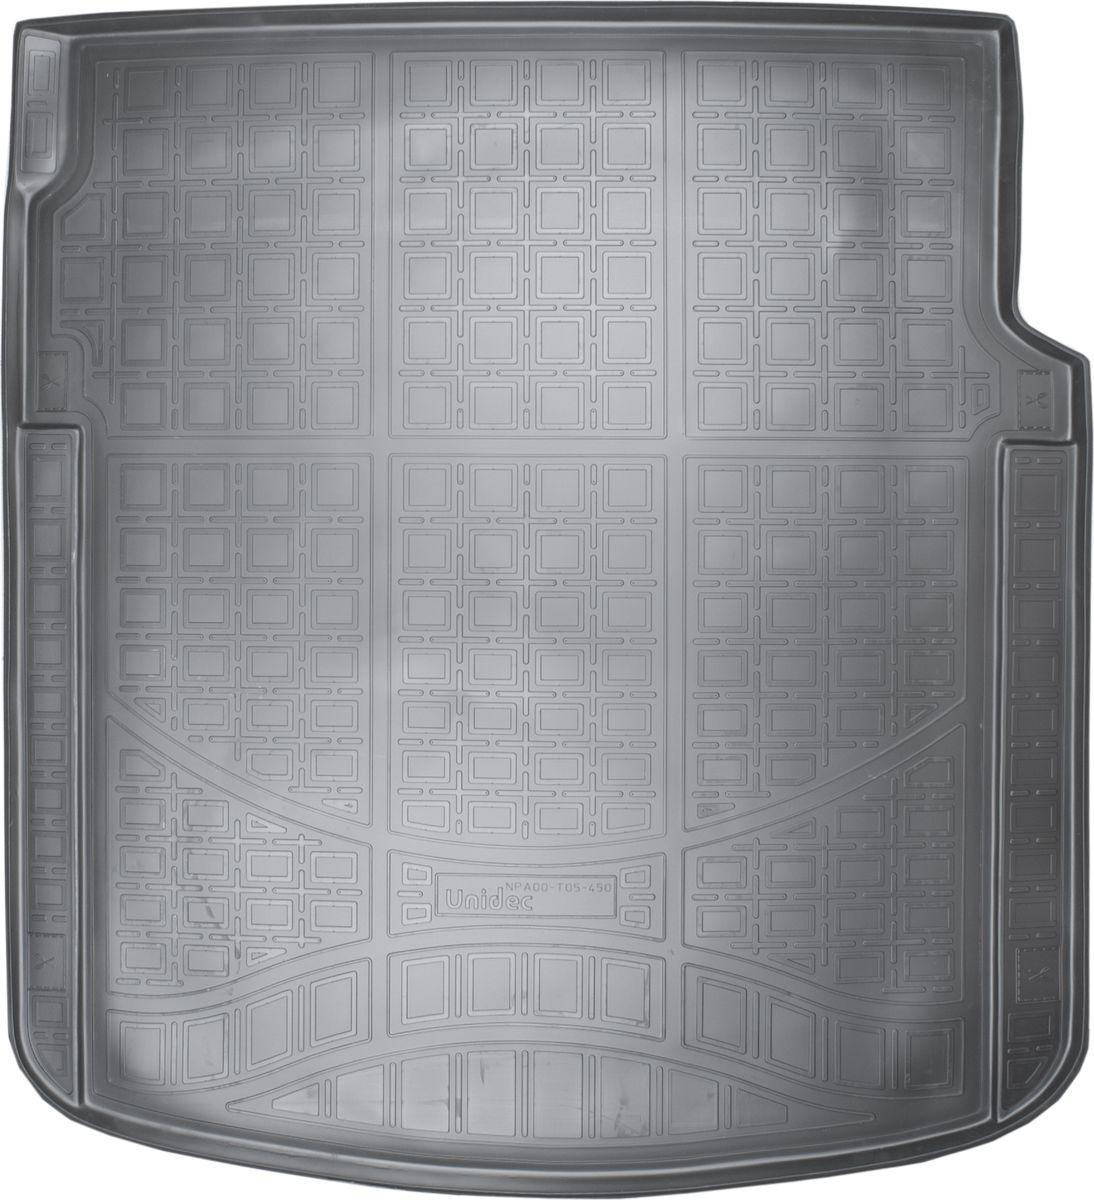 Ковер автомобильный NorPlast, в багажник, для Audi A7, 2010-, 4G:C7 HB, полиуретанNPA00-T05-450Прочные и долговечные коврики в салон автомобиля NorPlast, изготовленный из высококачественного и экологичного сырья, полностью повторяет геометрию салона автомобиля. - Надежная система крепления, позволяющая закрепить коврик на штатные элементы фиксации, в результате чего отсутствует эффект скольжения по салону автомобиля. - Высокая стойкость поверхности к стиранию. - Специализированный рисунок и высокий борт, препятствующие распространению грязи и жидкости по поверхности коврика. - Перемычка задних ковриков в комплекте предотвращает загрязнение тоннеля карданного вала. - Произведены из первичных материалов, в результате чего отсутствует неприятный запах в салоне автомобиля. - Высокая эластичность, можно беспрепятственно эксплуатировать при температуре от -45°C до +45°C.